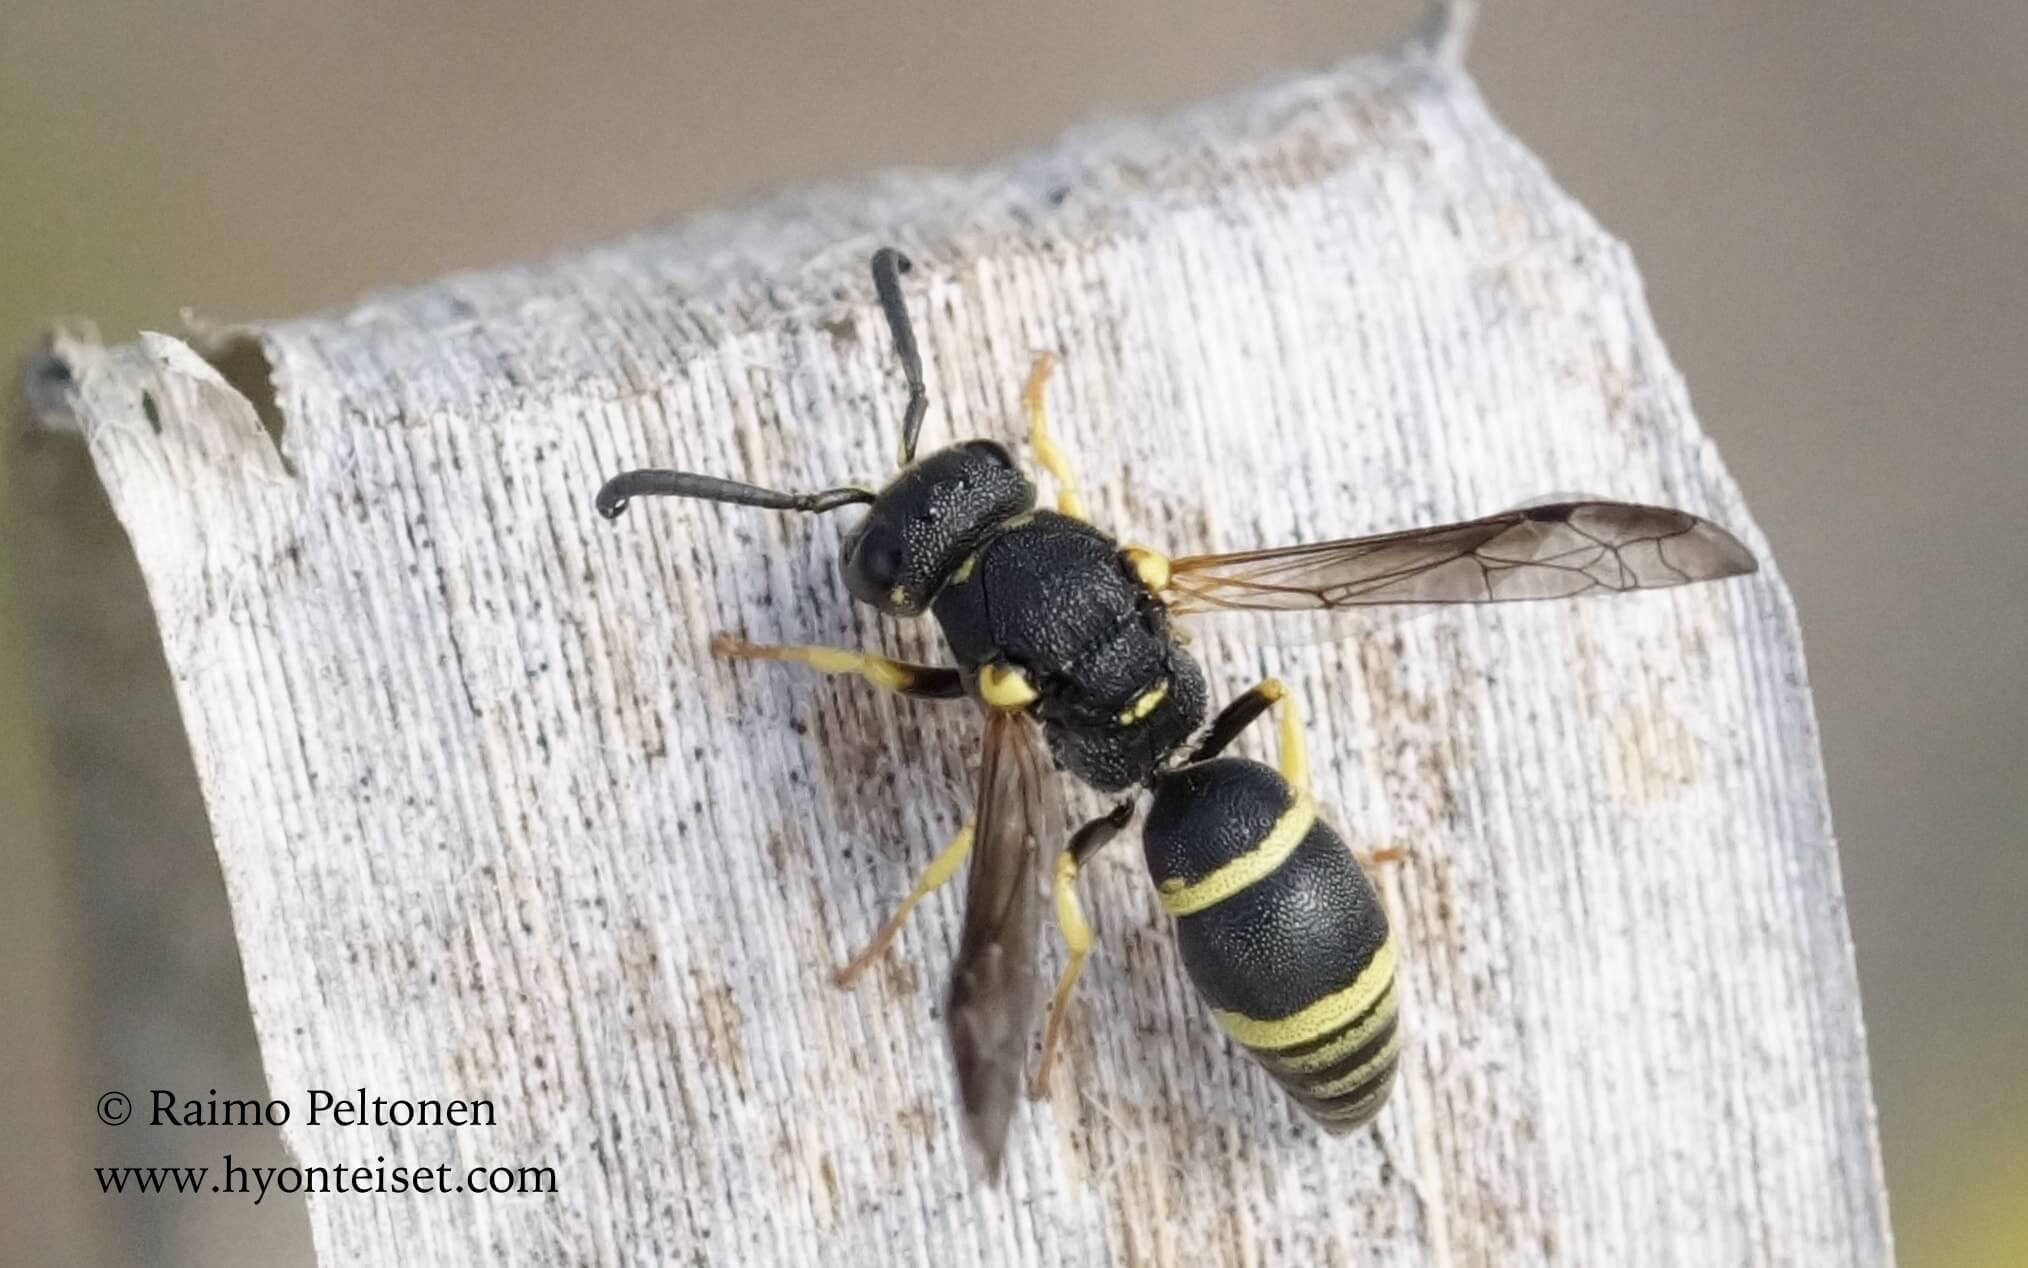 Ancistocerus trifasciatus (Apidae) MALLORCA